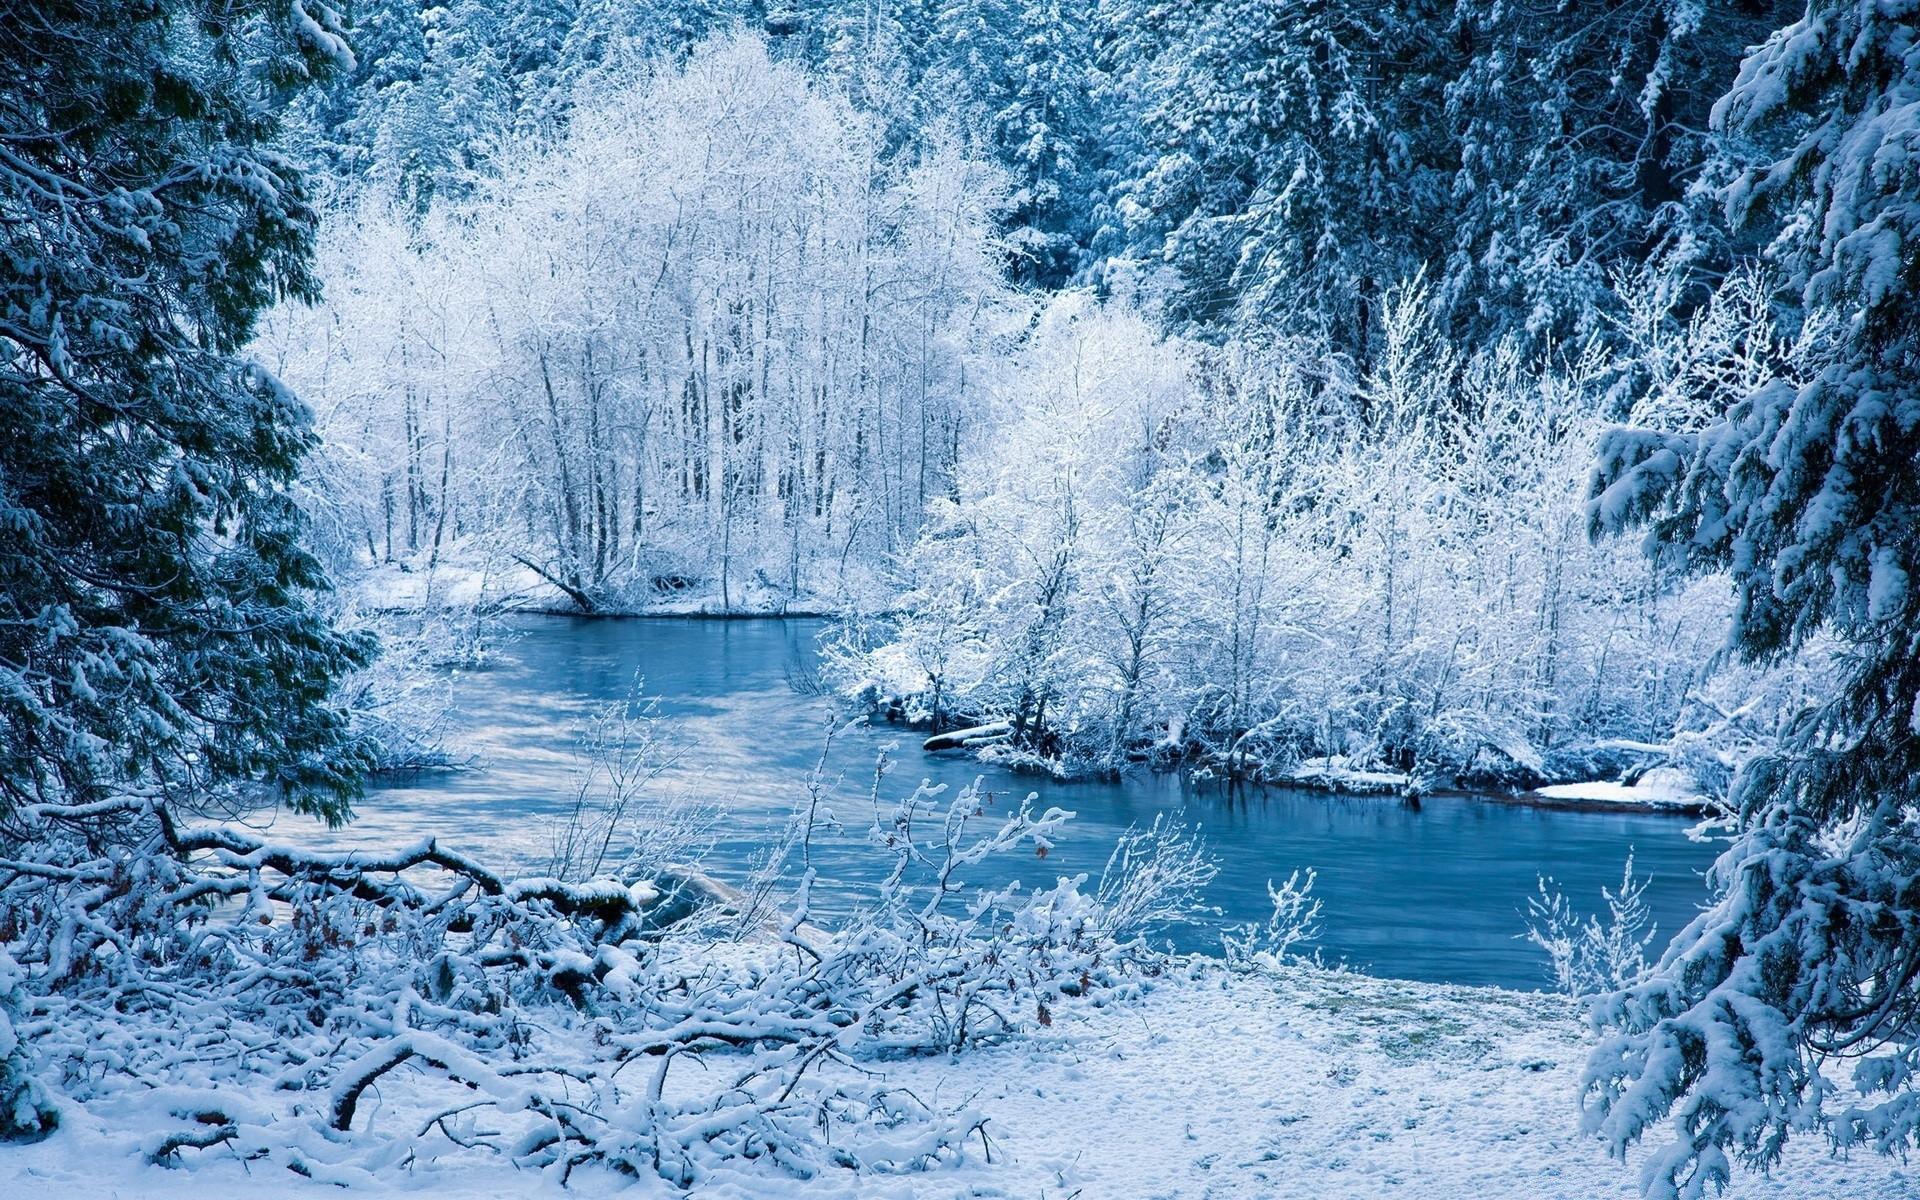 Очень красивая зимняя картинка на рабочий стол вашему вниманию